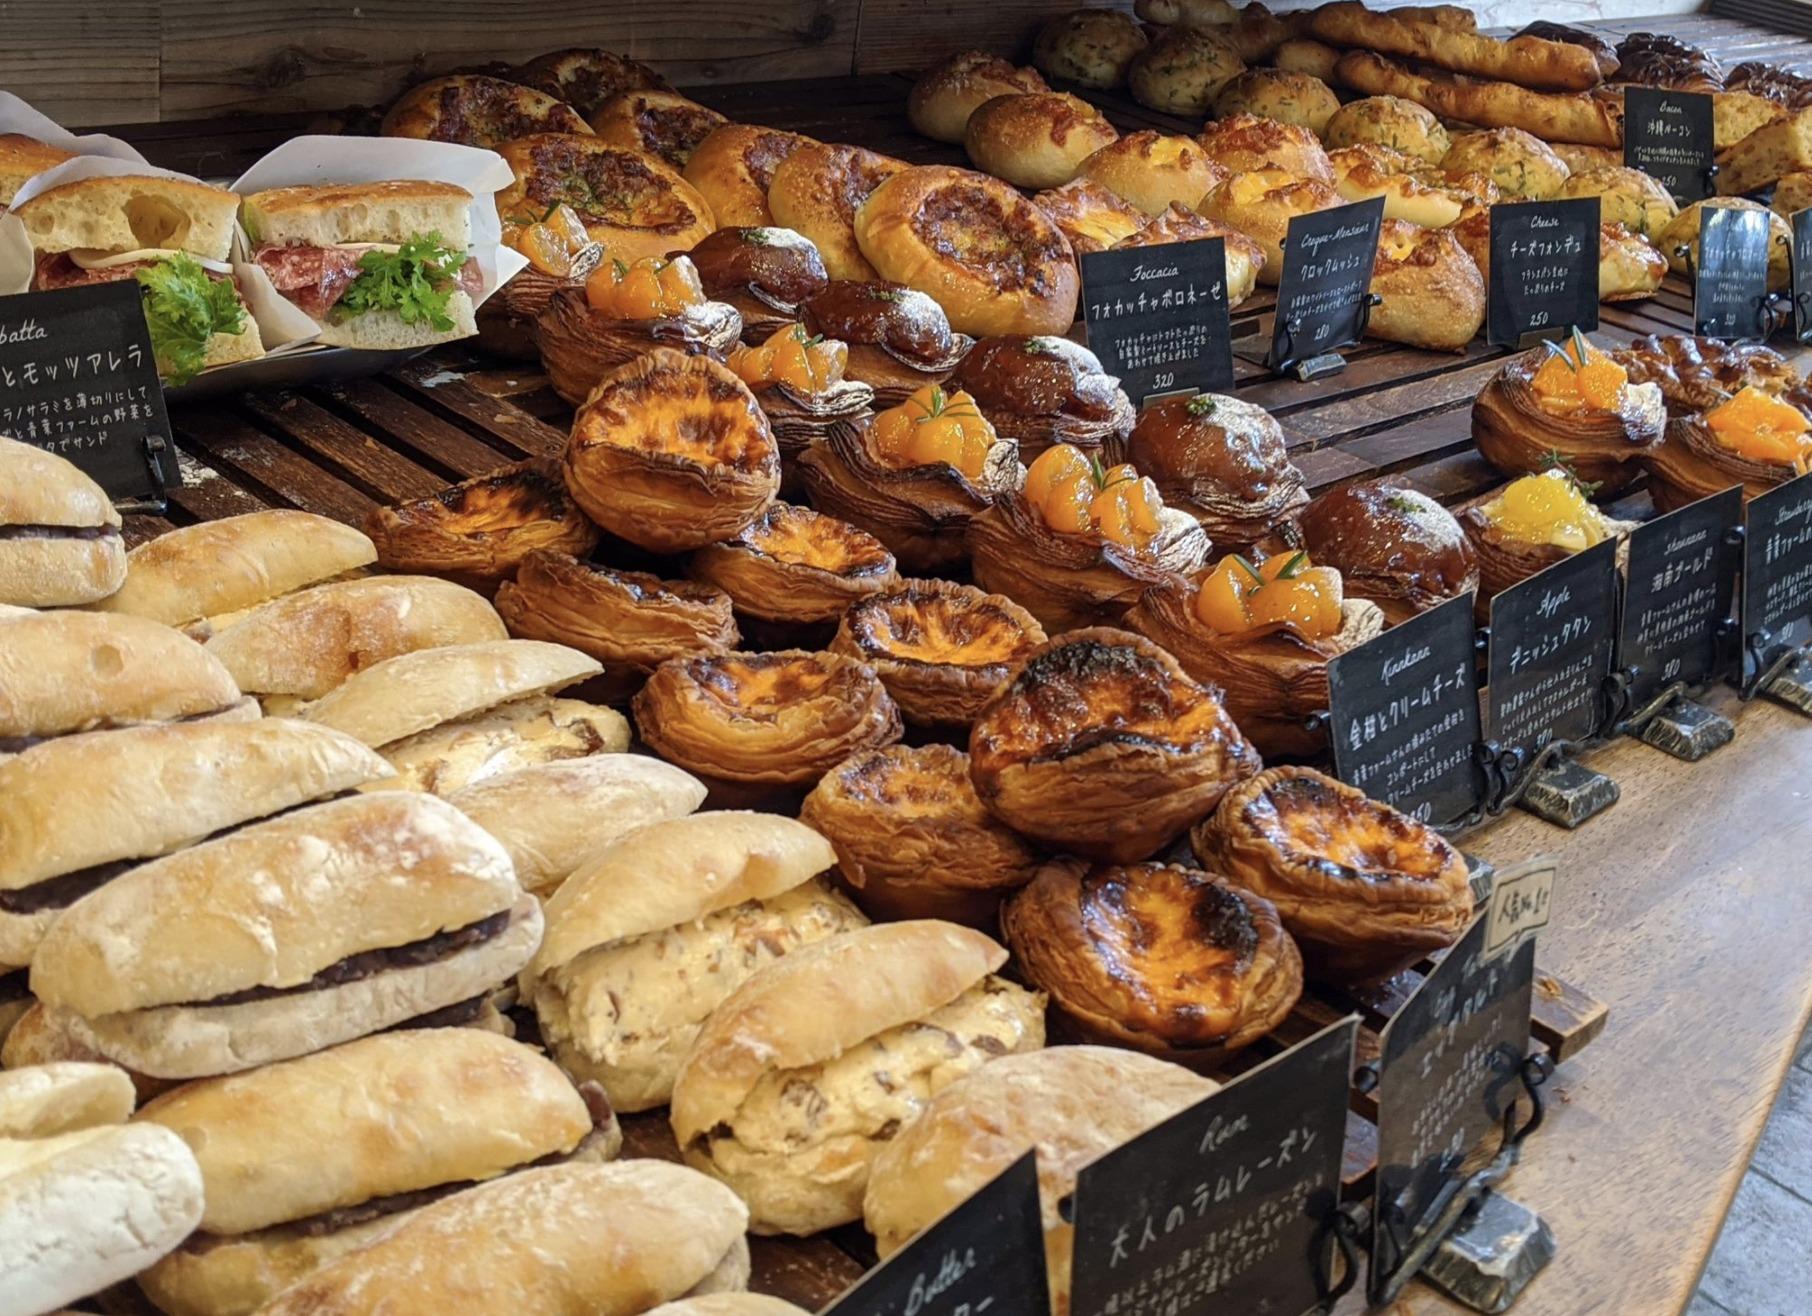 『丘の上のパン屋』の店内画像